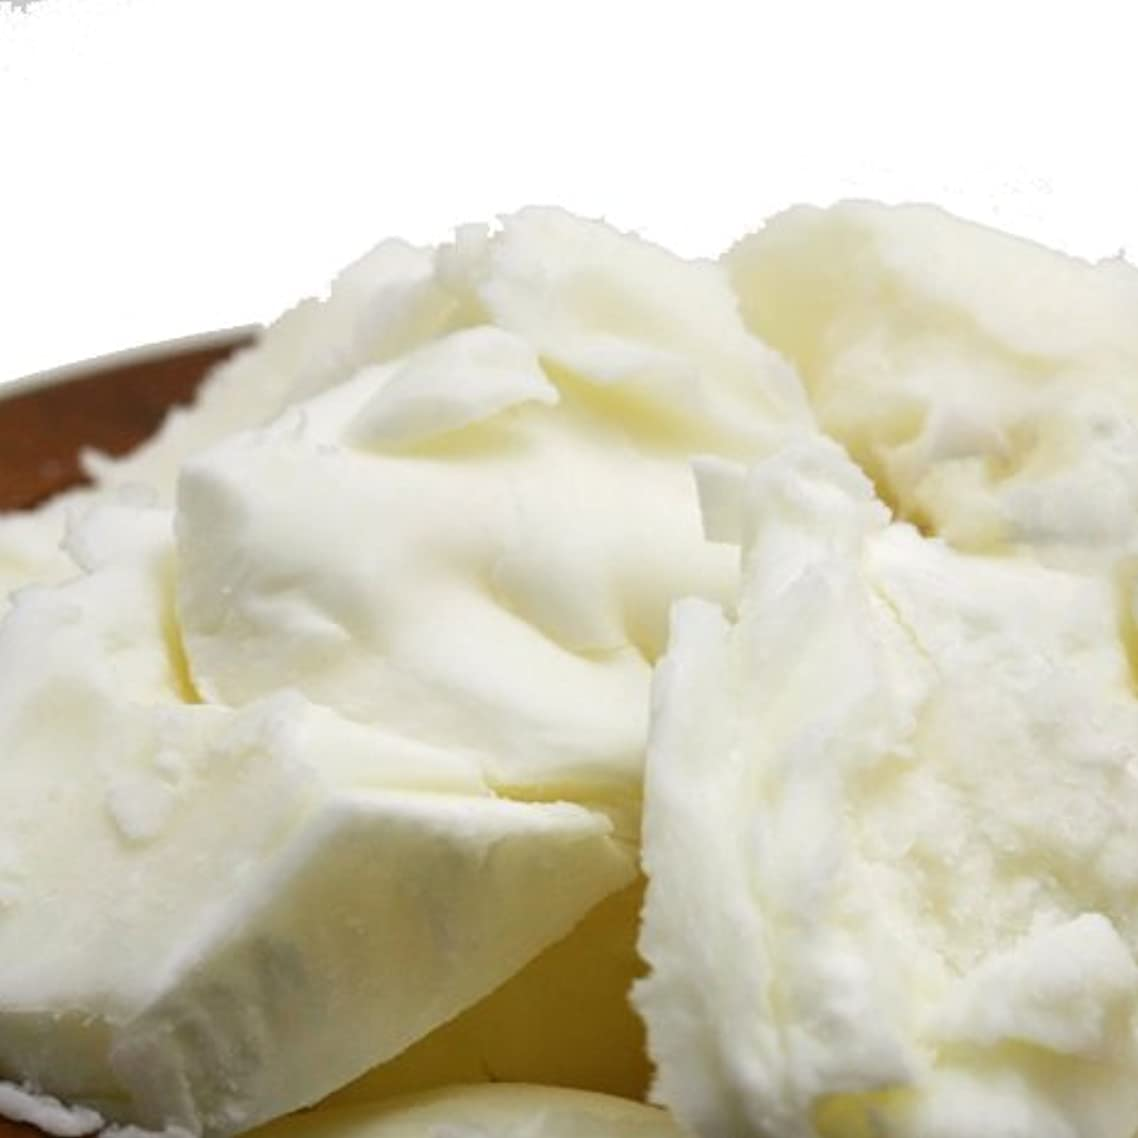 傾向があります重荷捧げる精製シアバター 500g シア脂 【手作り石鹸/手作りコスメ/手作り化粧品】